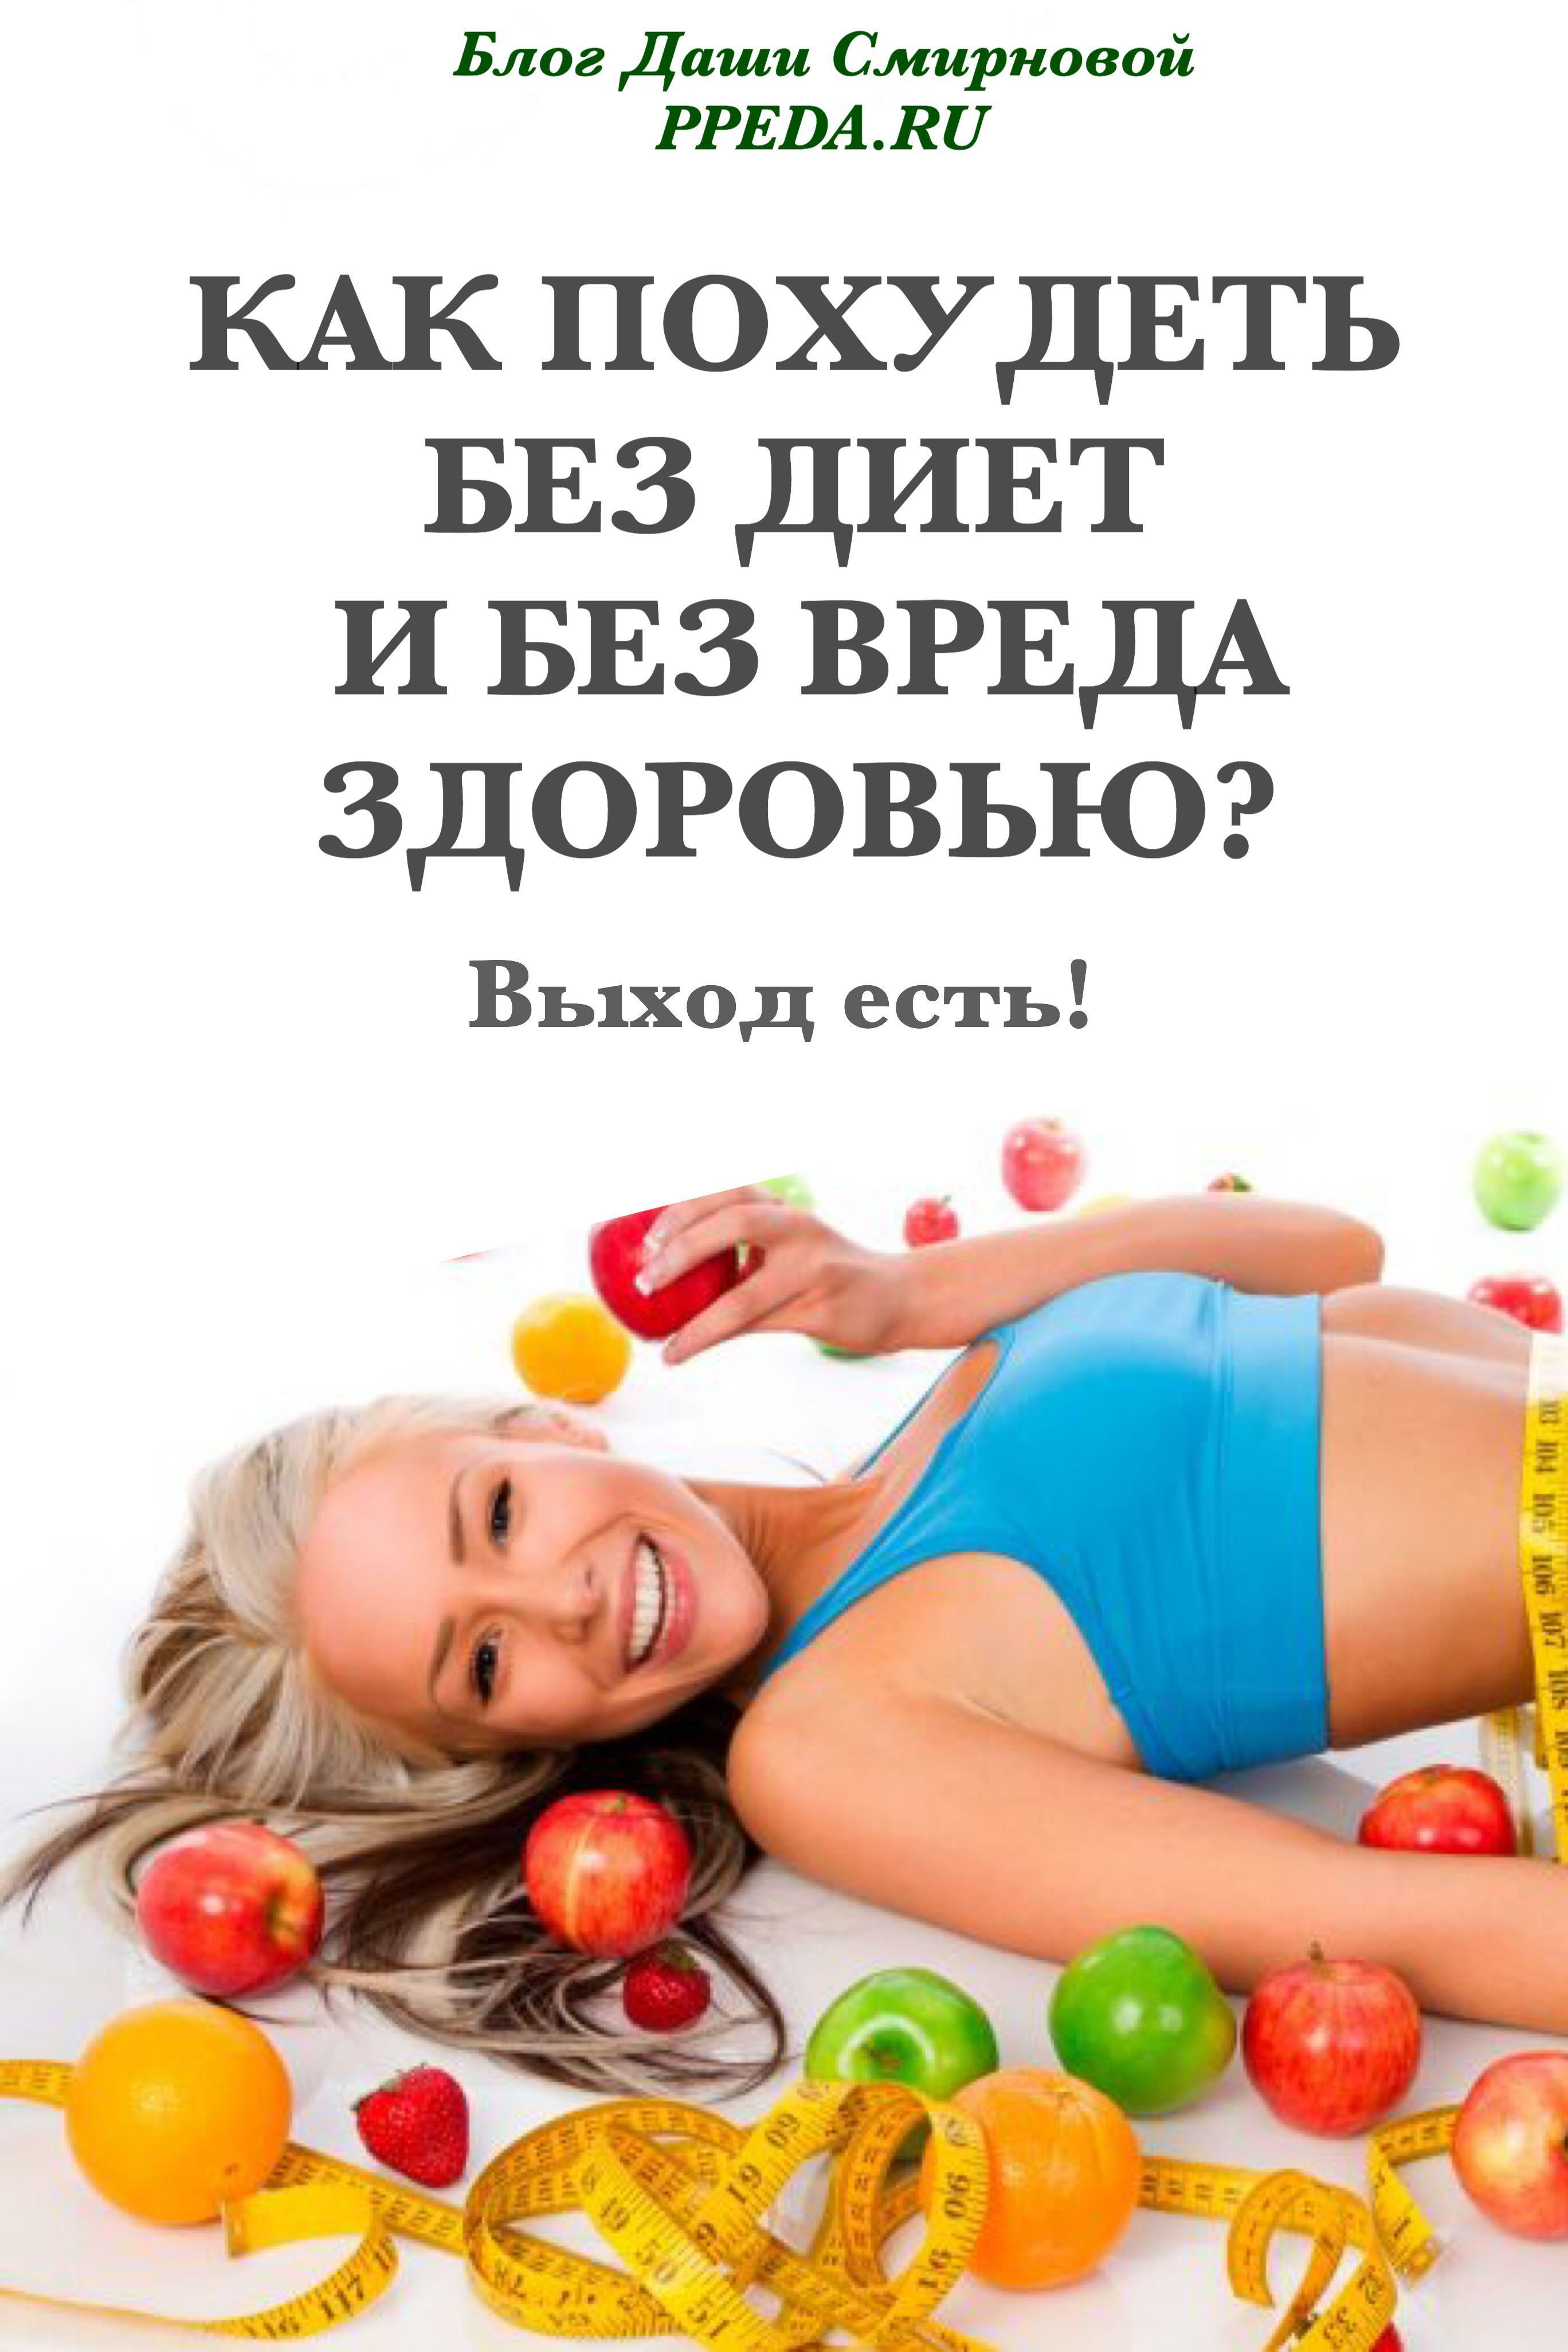 Как Похудеть Здоровье Ру. Как сбросить лишний вес. Примерное меню на неделю, программа Малышевой